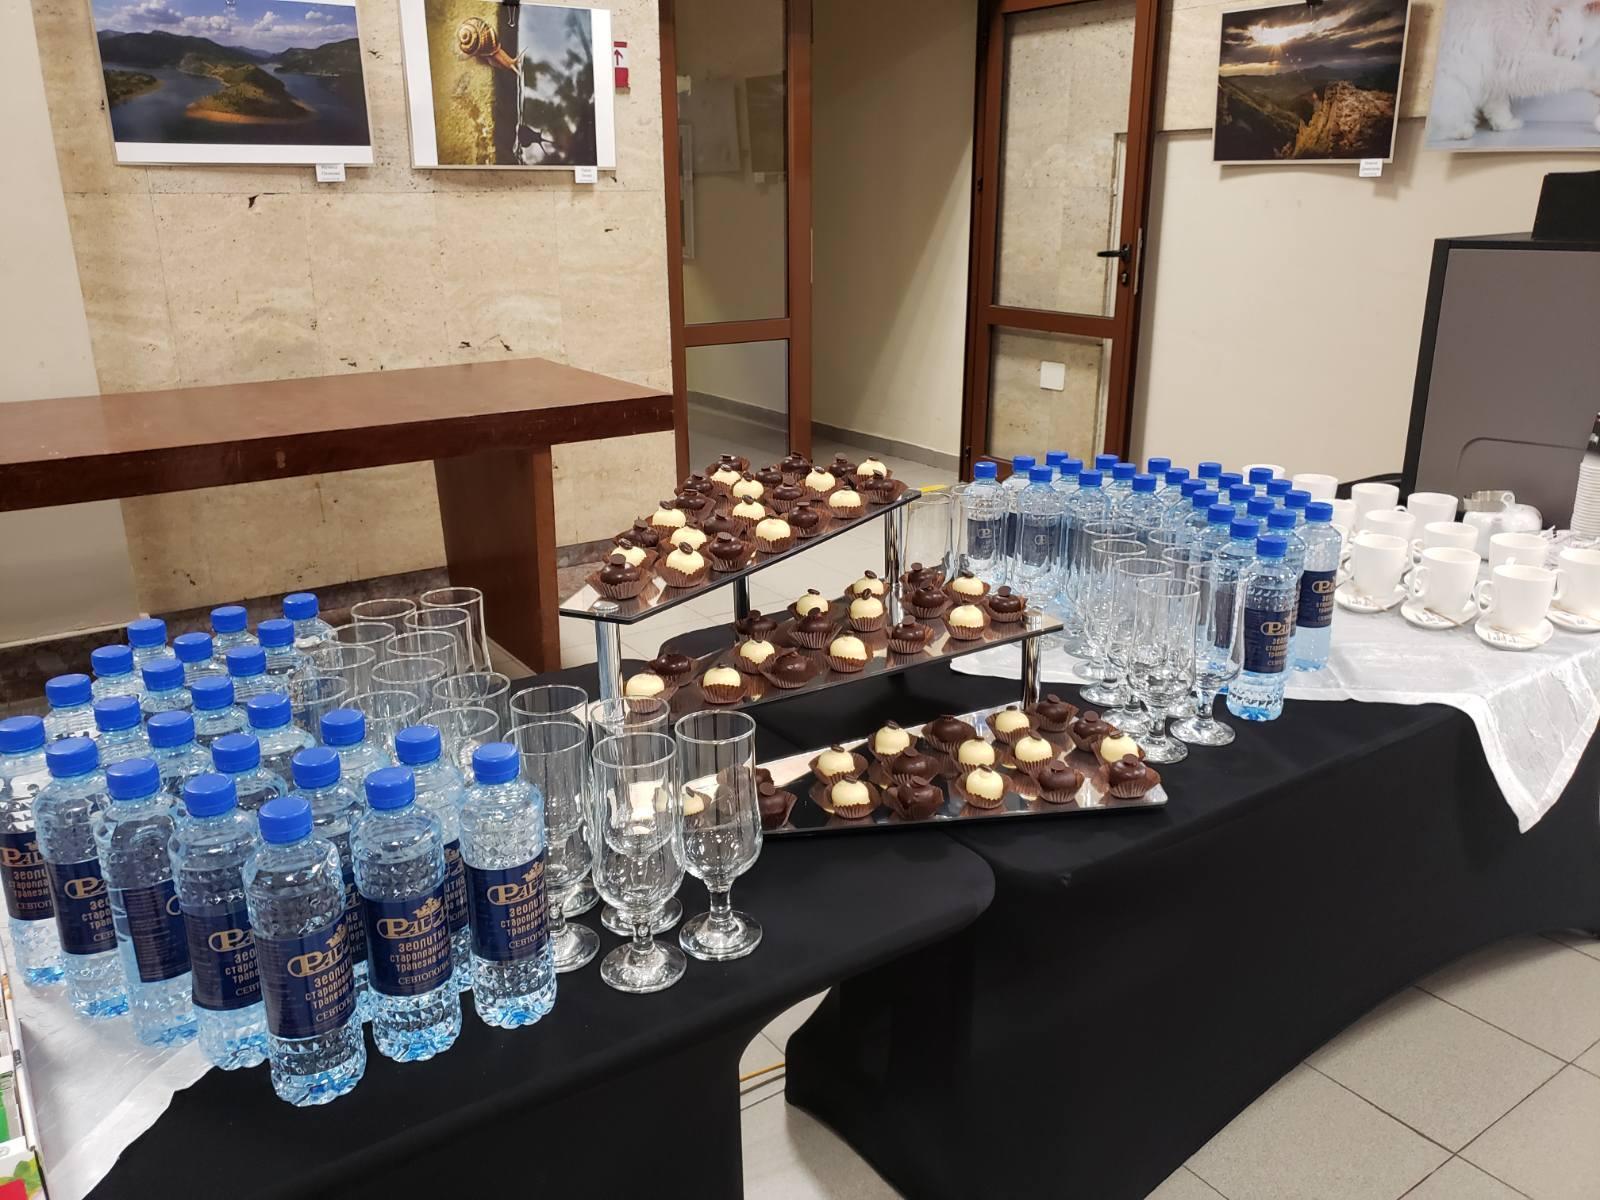 28.09.2020  |  Кафе пауза - Бизнес конферентно мероприятие - 60 кув.